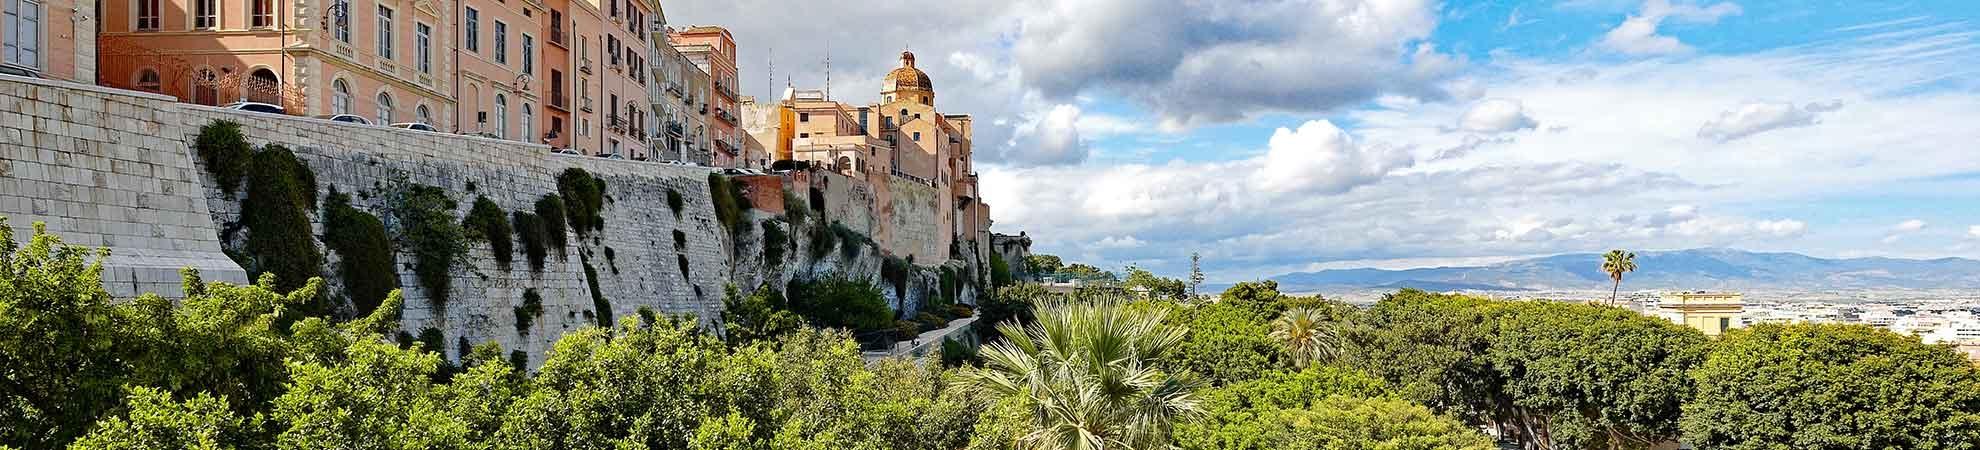 Voyage Cagliari